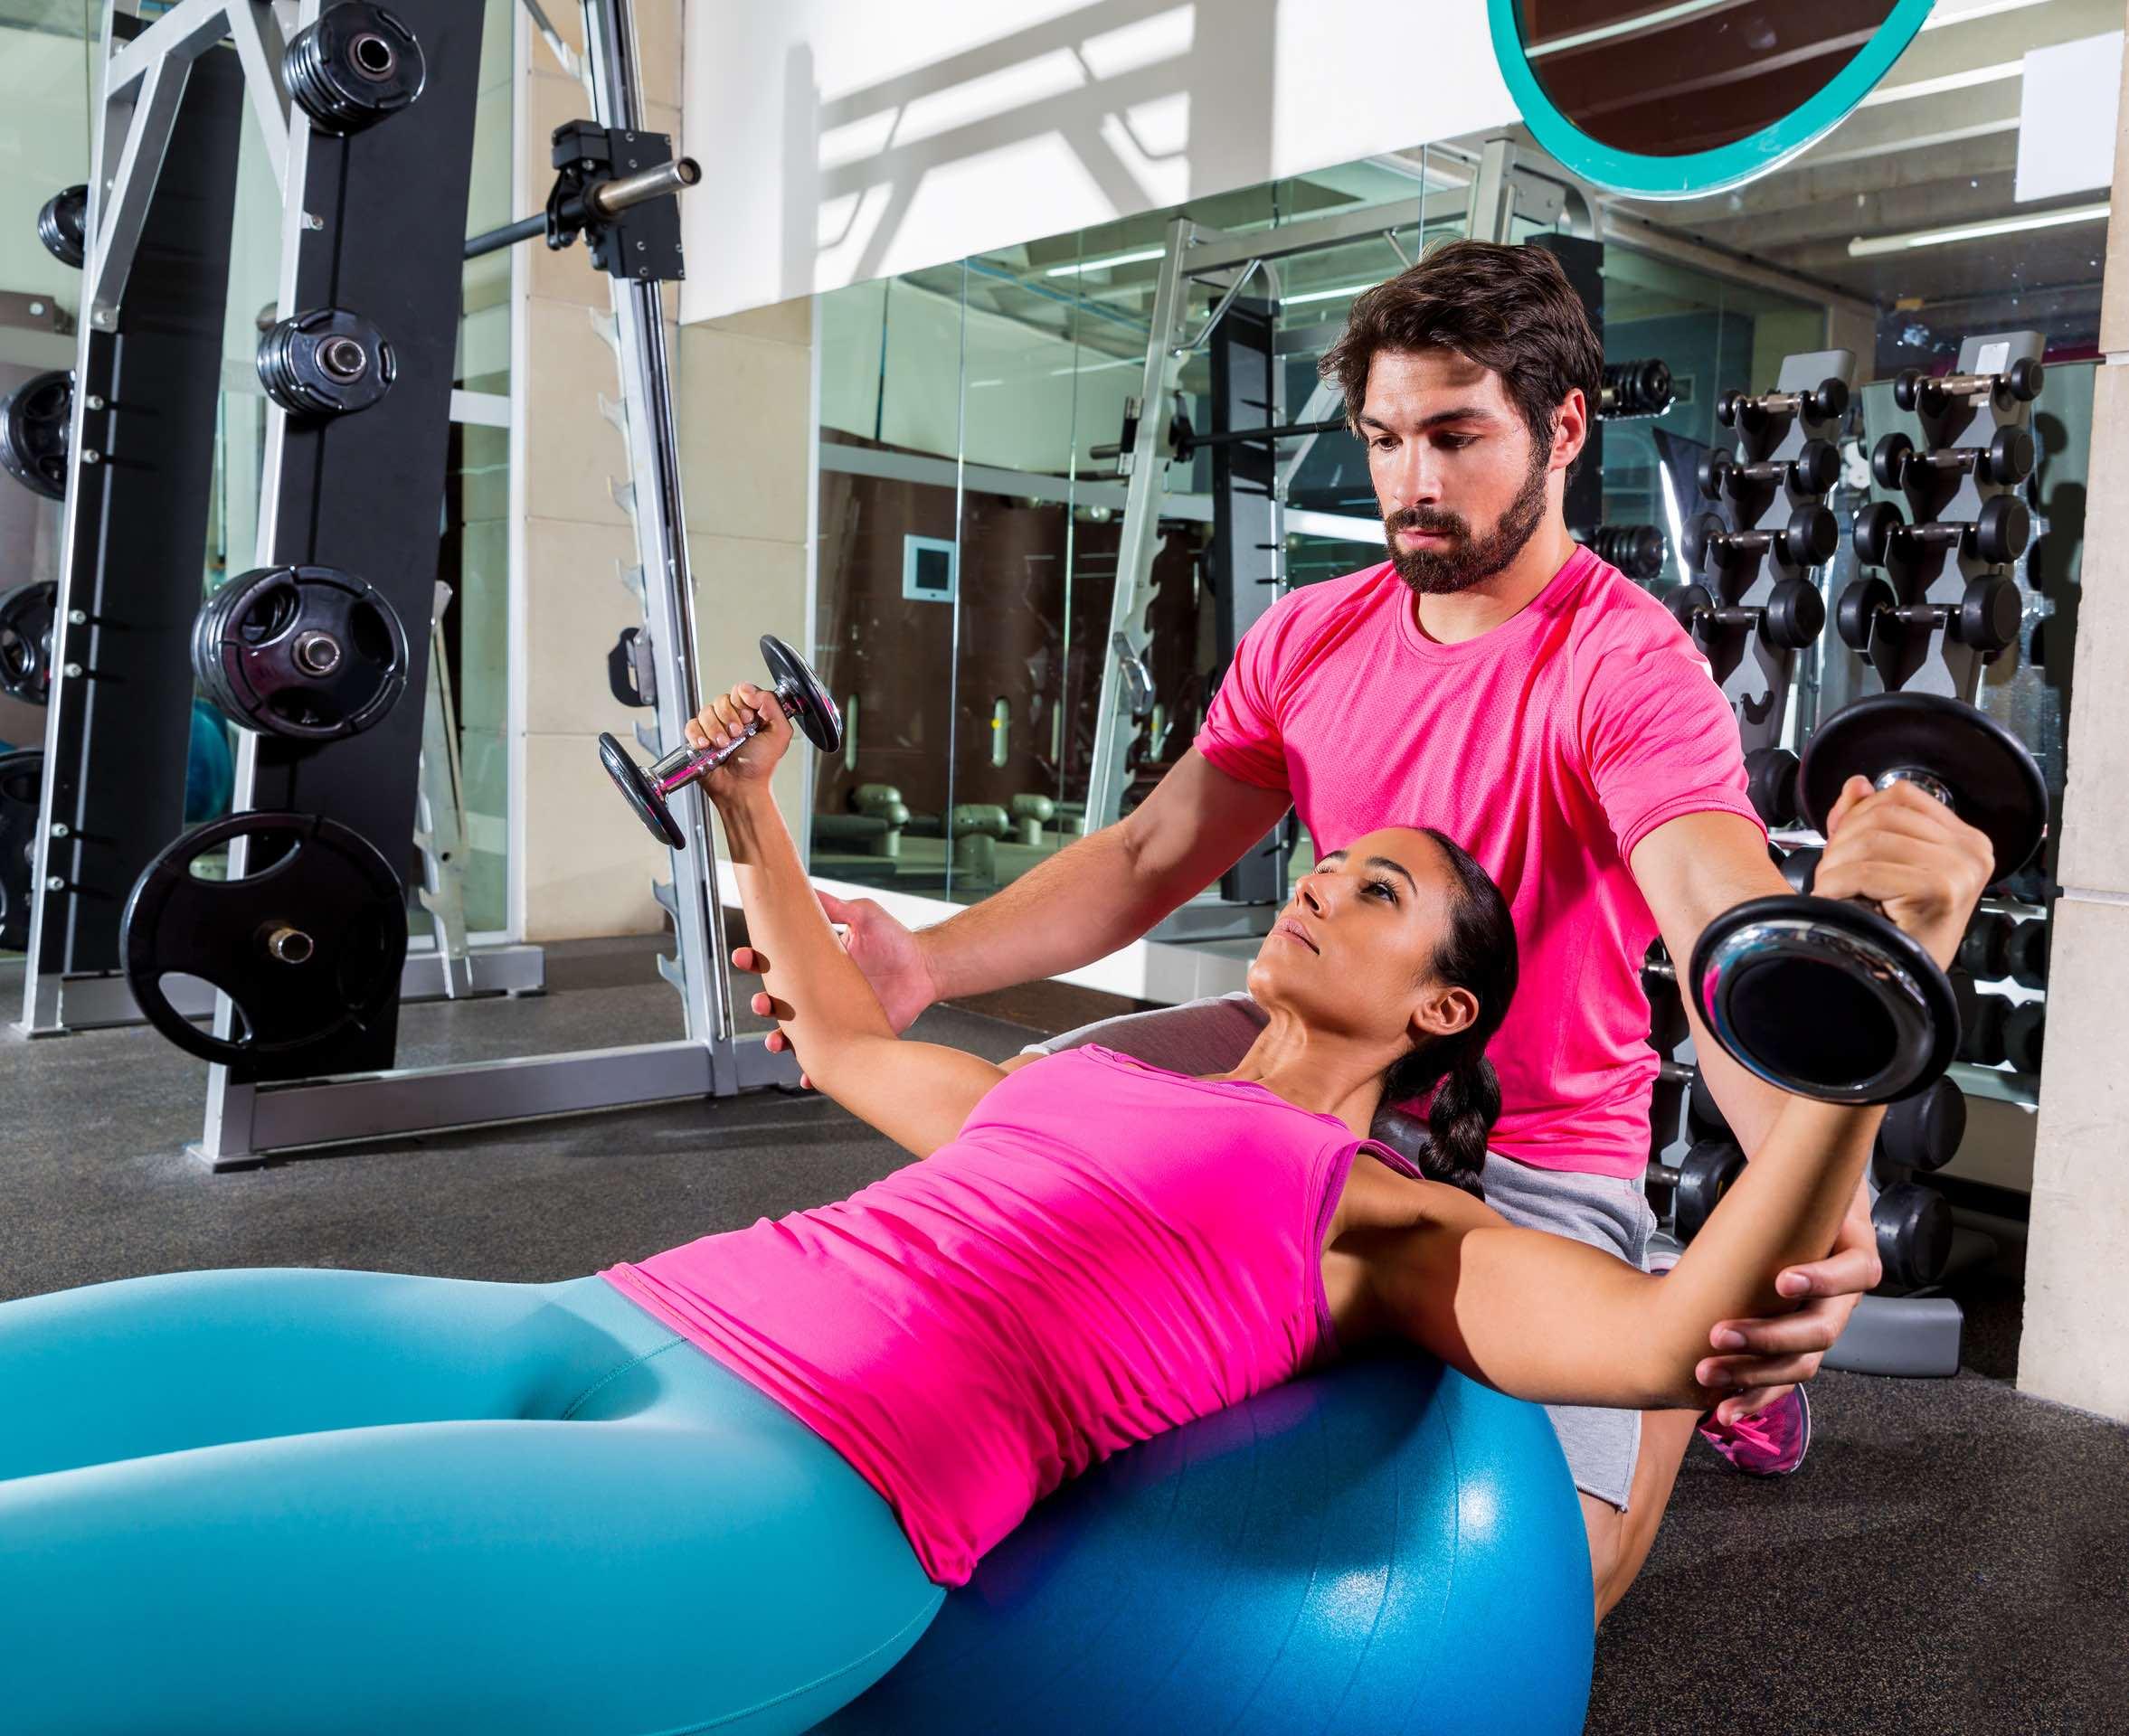 Mit Voraktivierung kannst Du effektiver trainieren